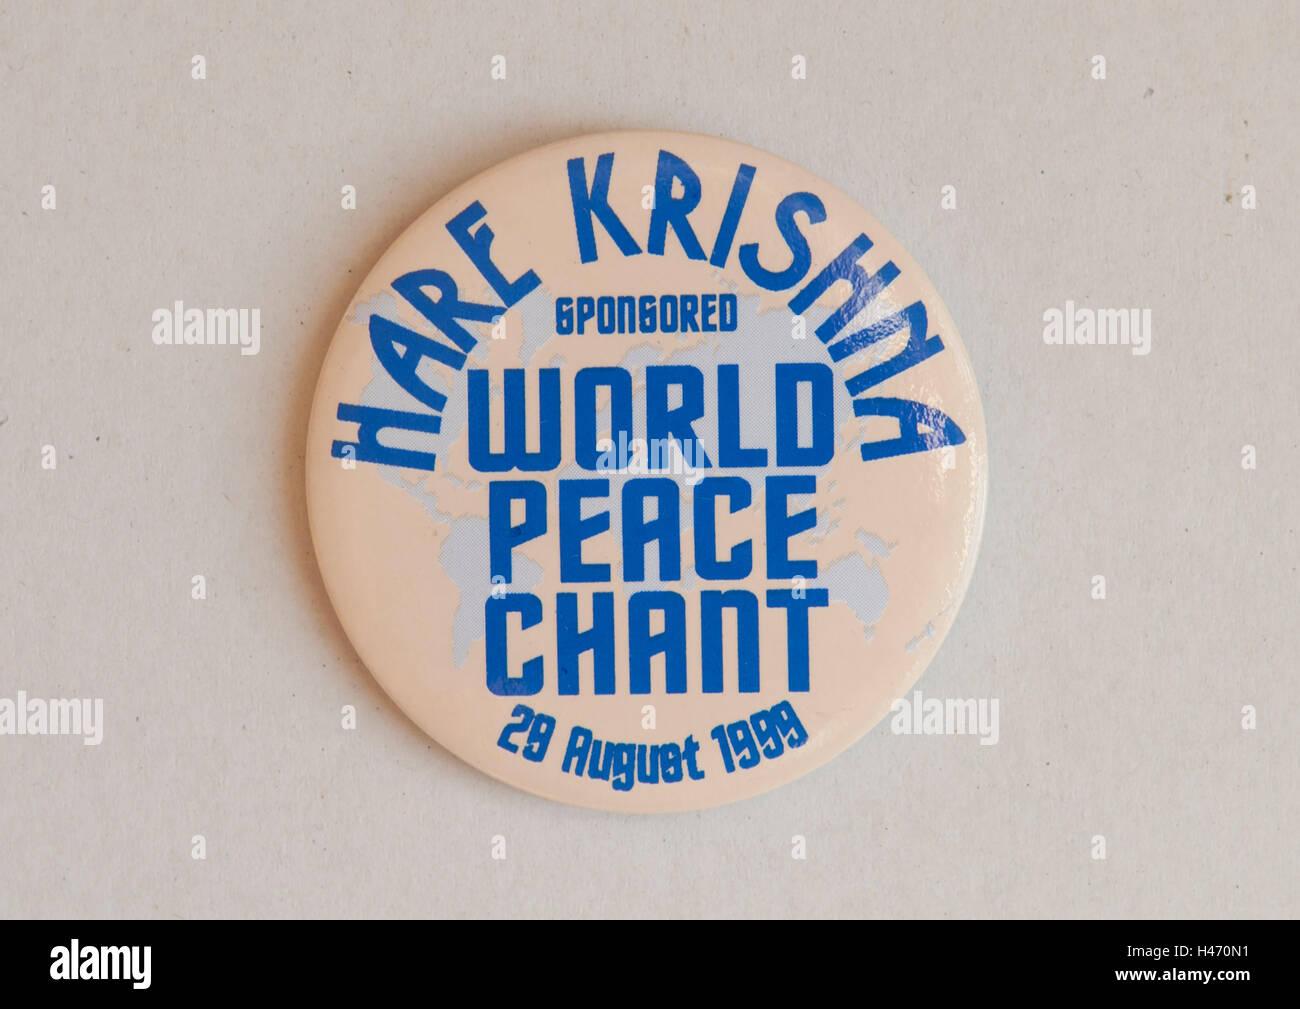 Hare Krishna patrocinado canto la paz mundial el 28 de agosto de 1989 London UK HOMER SYKES Imagen De Stock